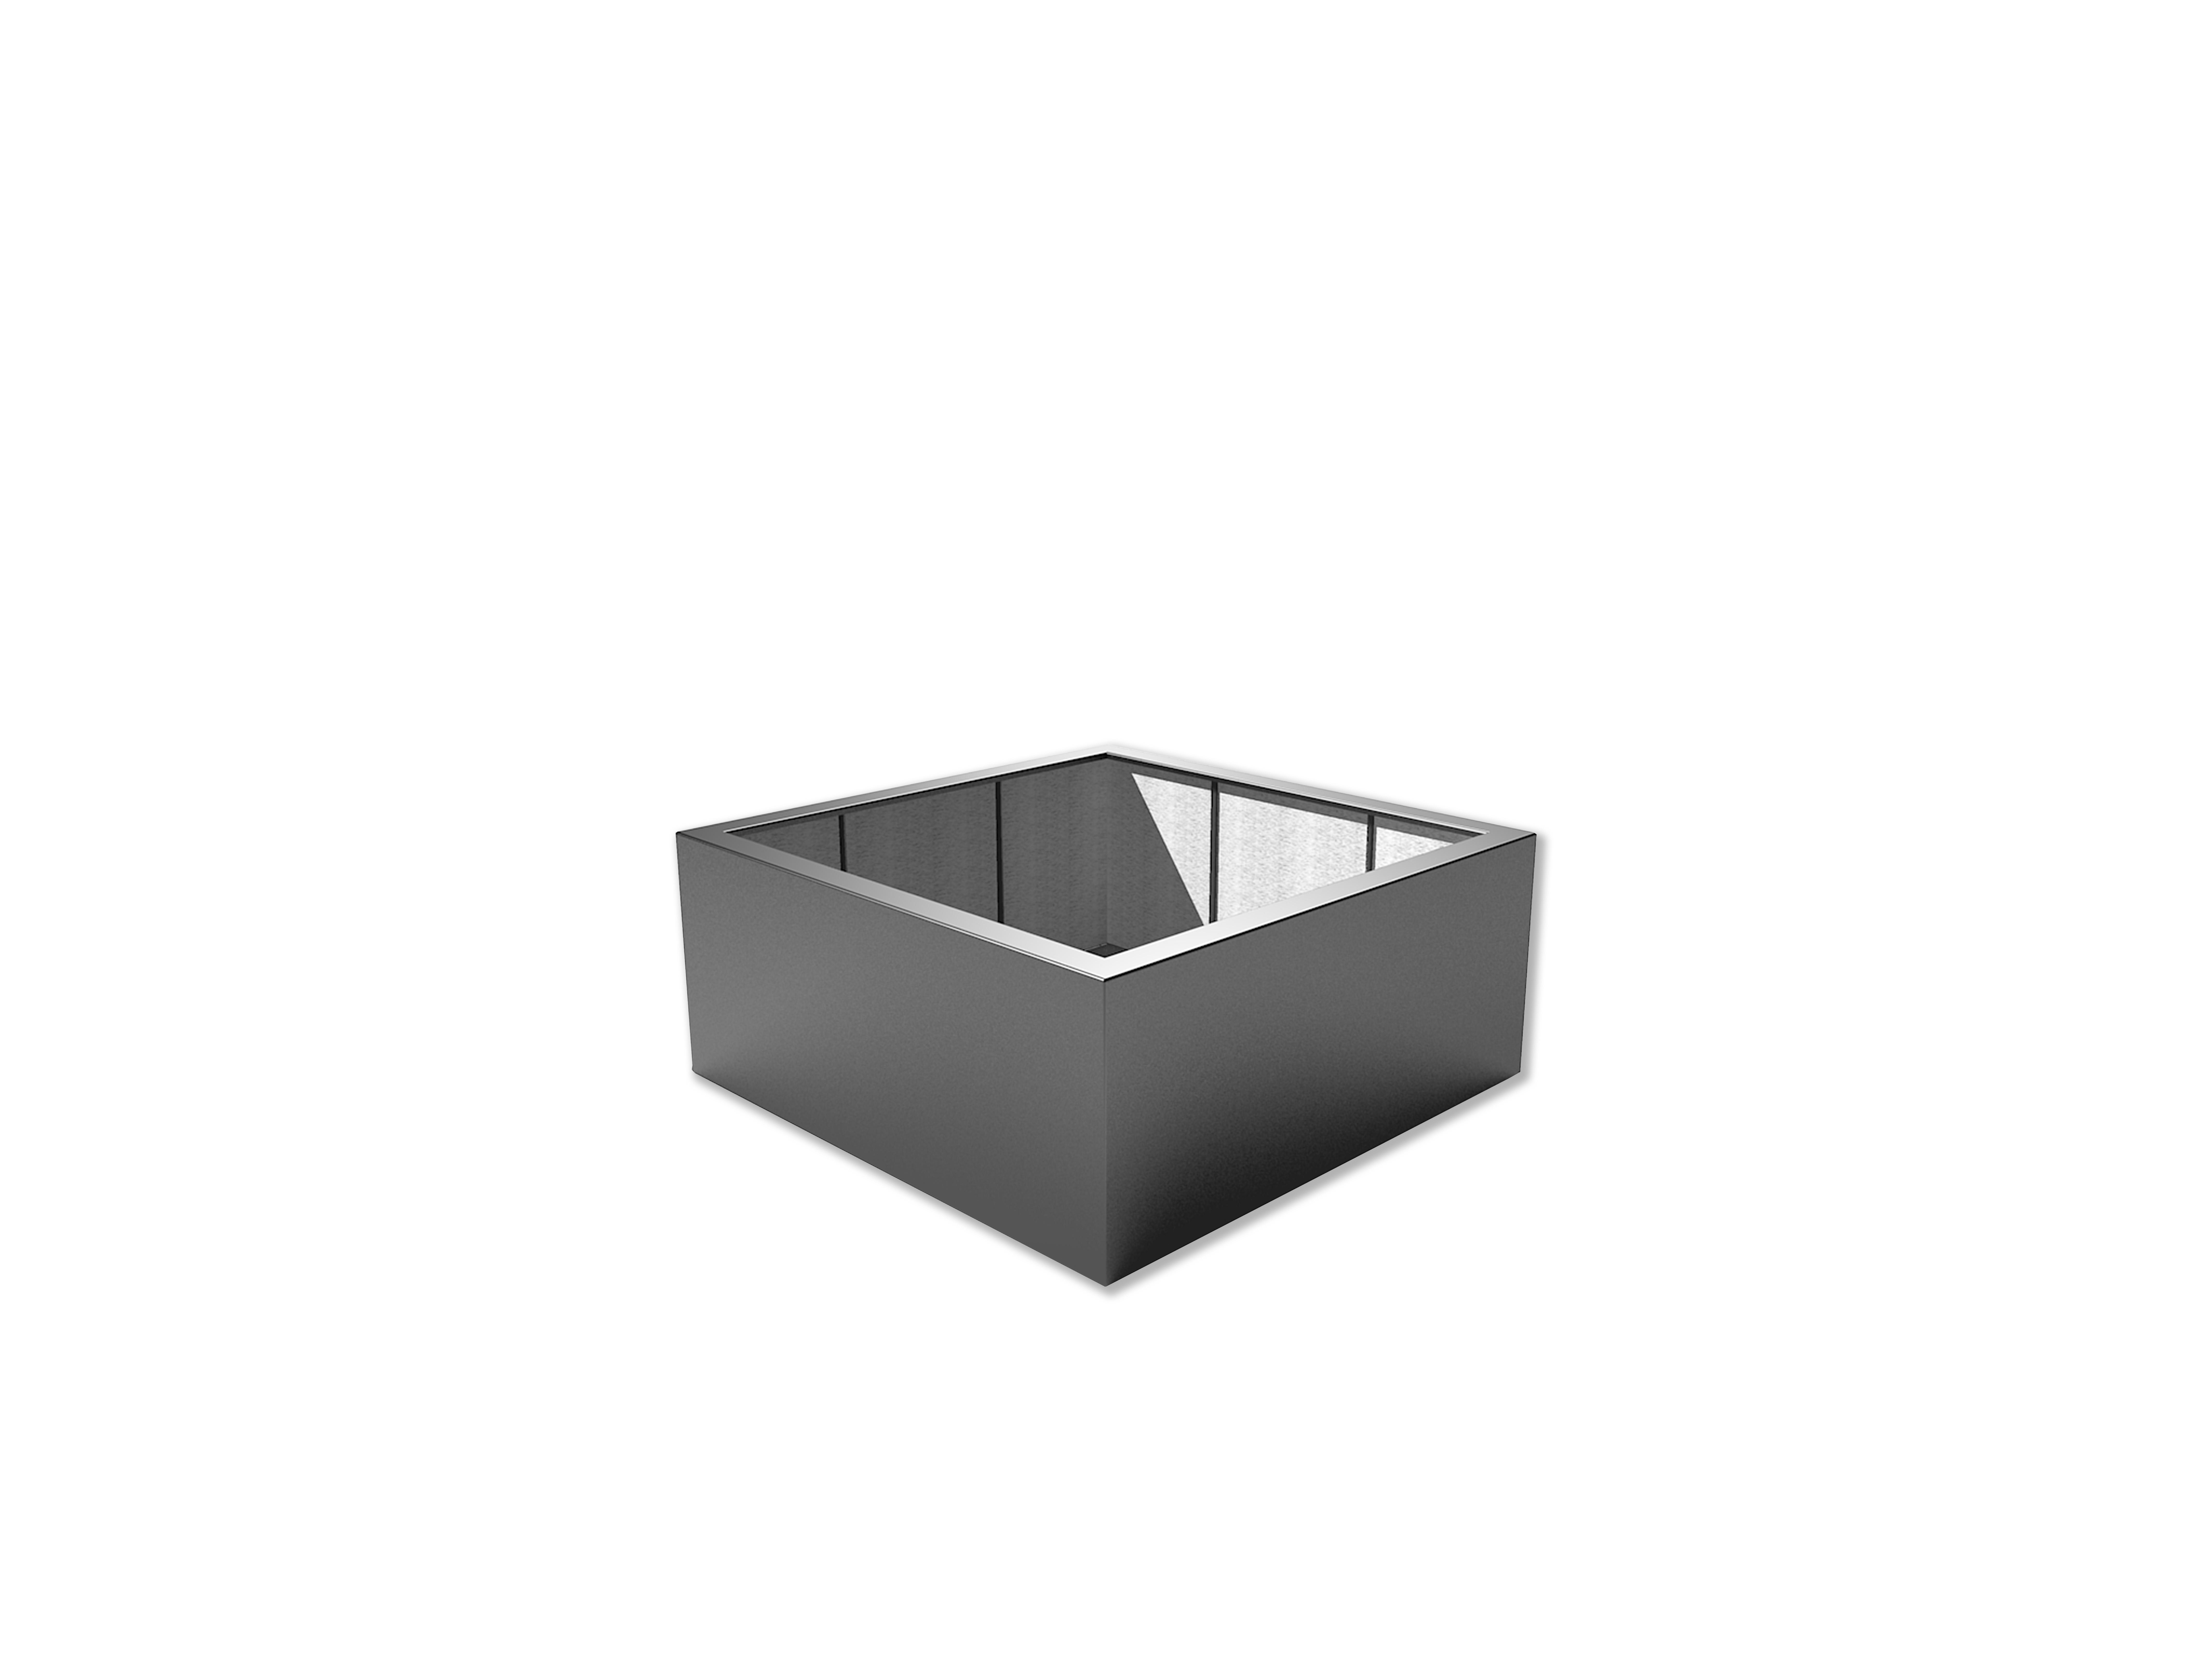 Adezz | Polyester bloembak Buxus | 140 x 140 x 60 cm | Antraciet